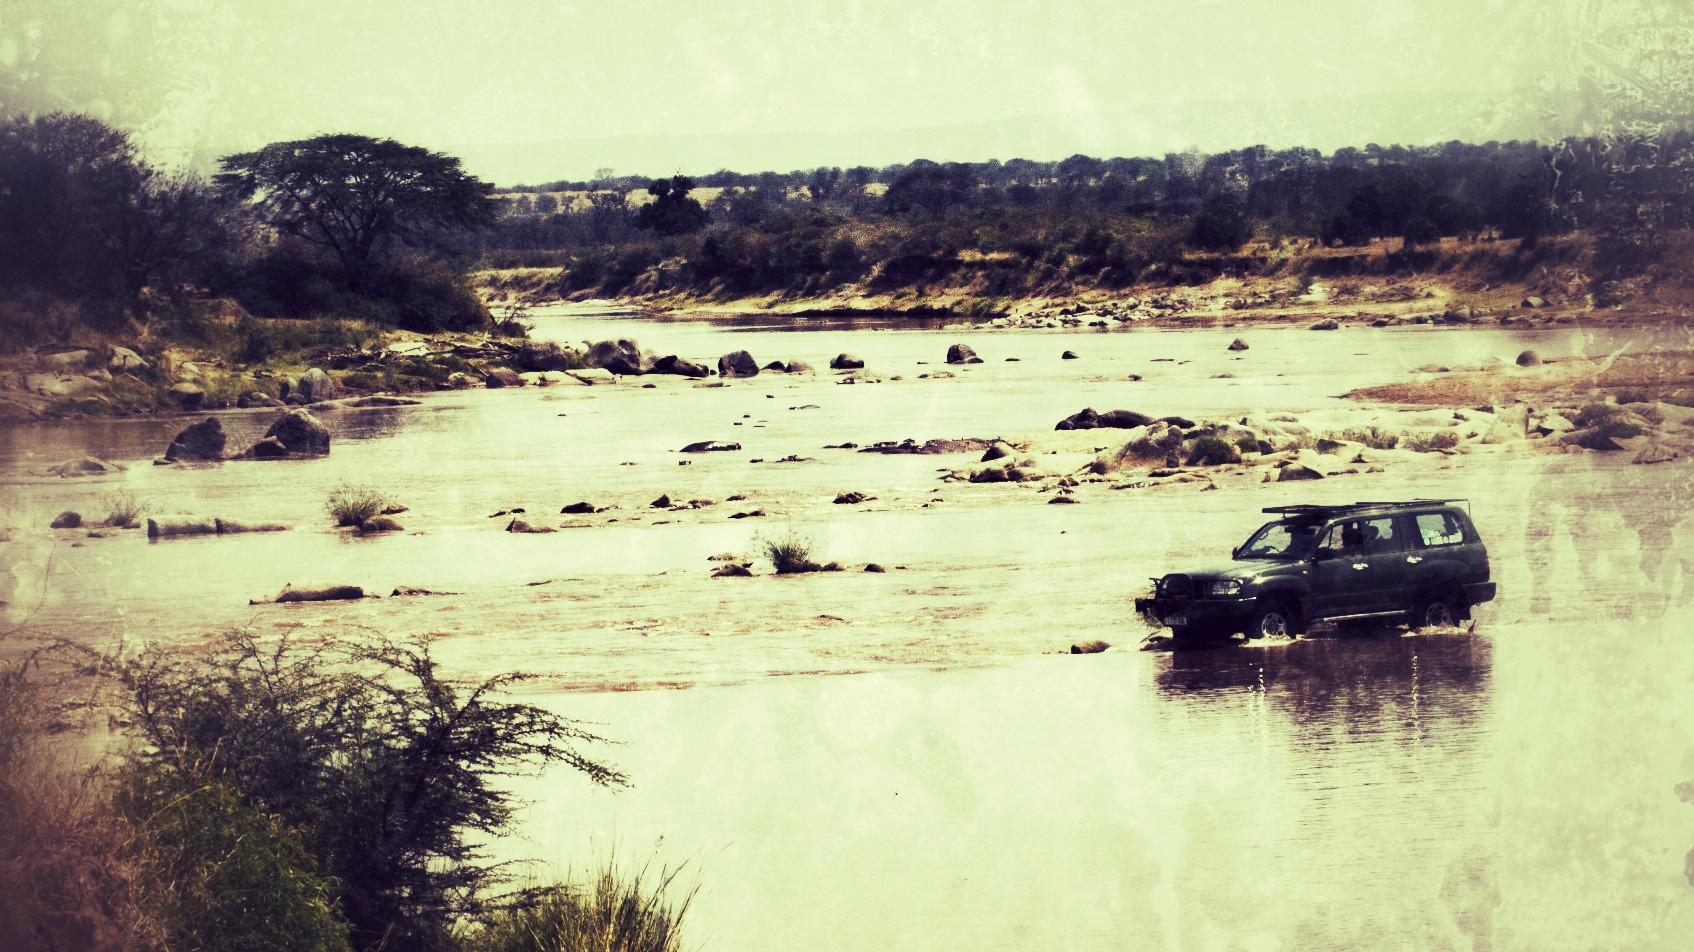 Ghari river crossing